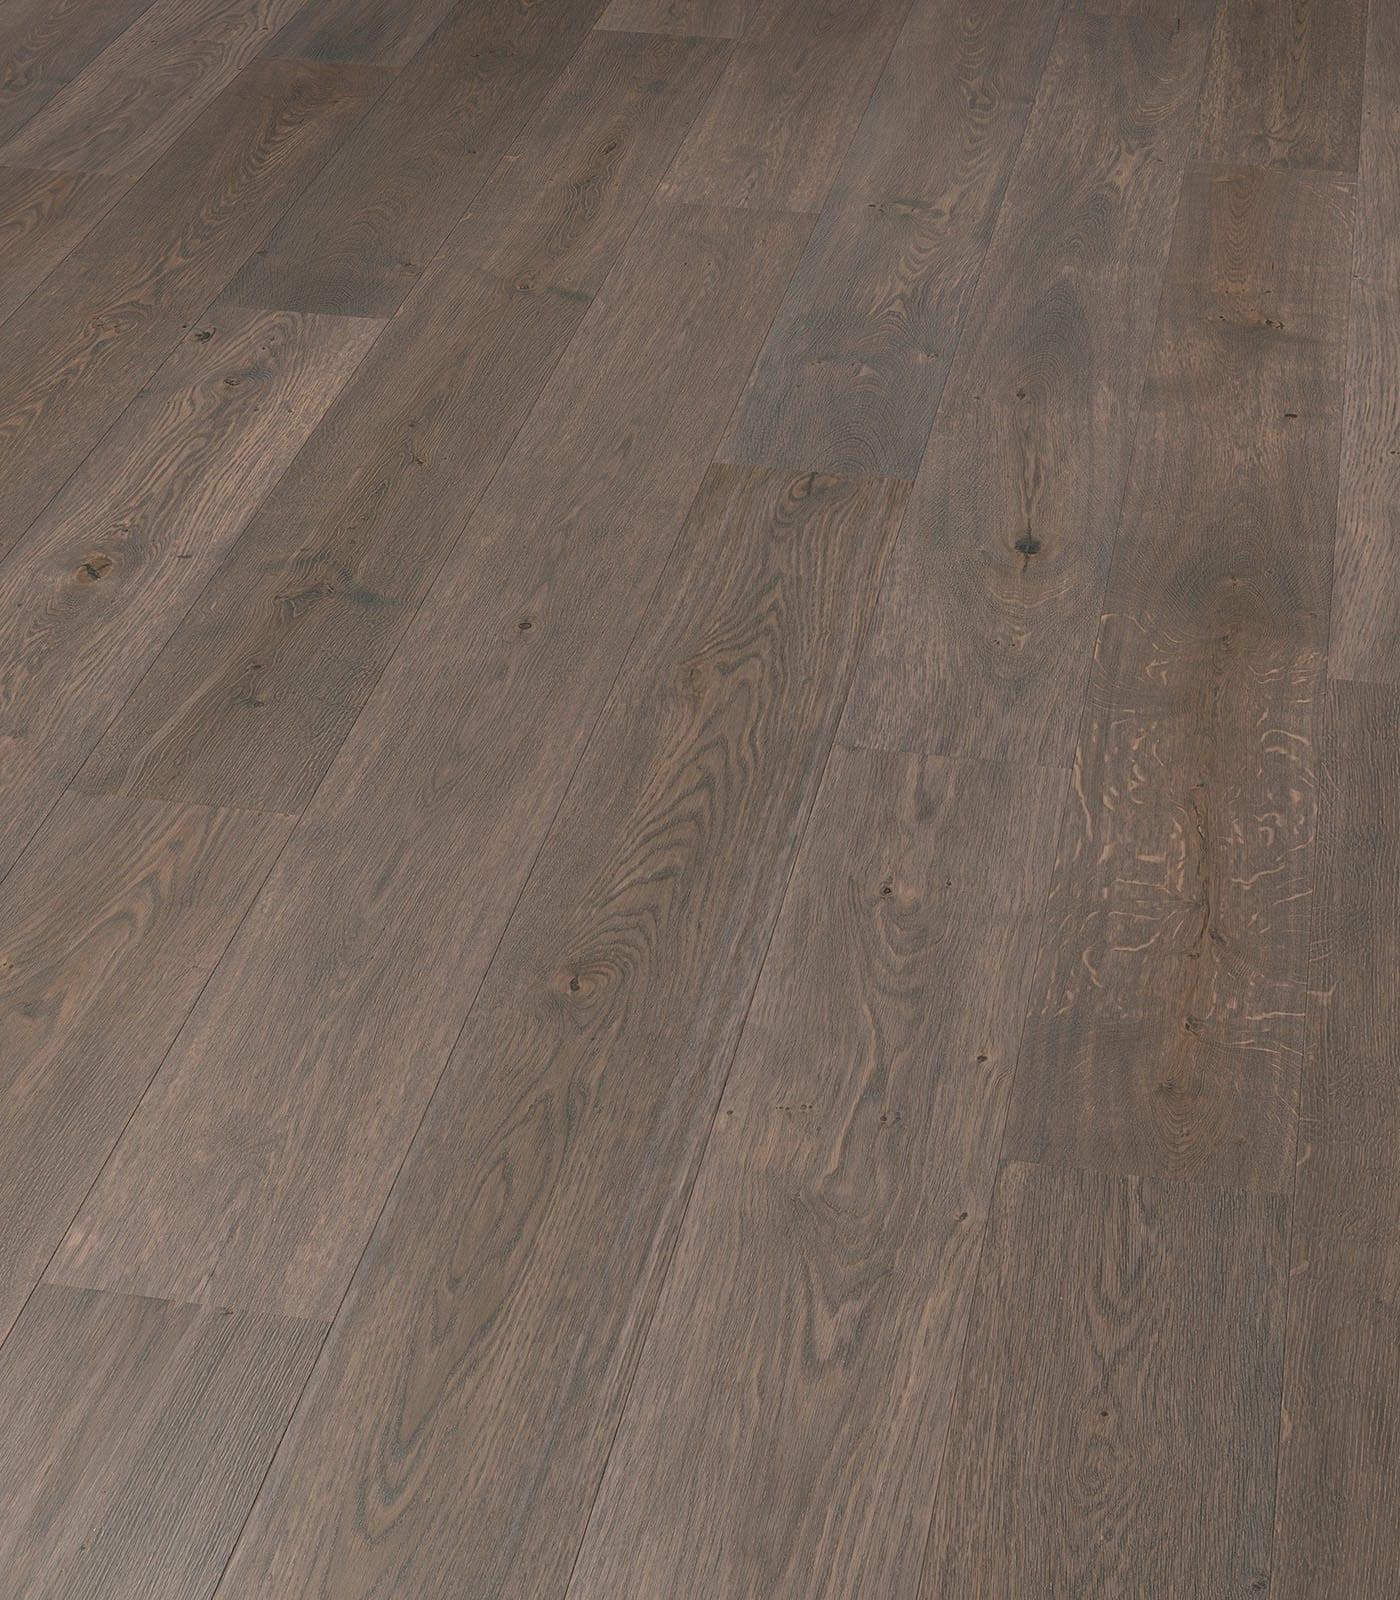 Driftwood-engineered floors-European Oak-angle